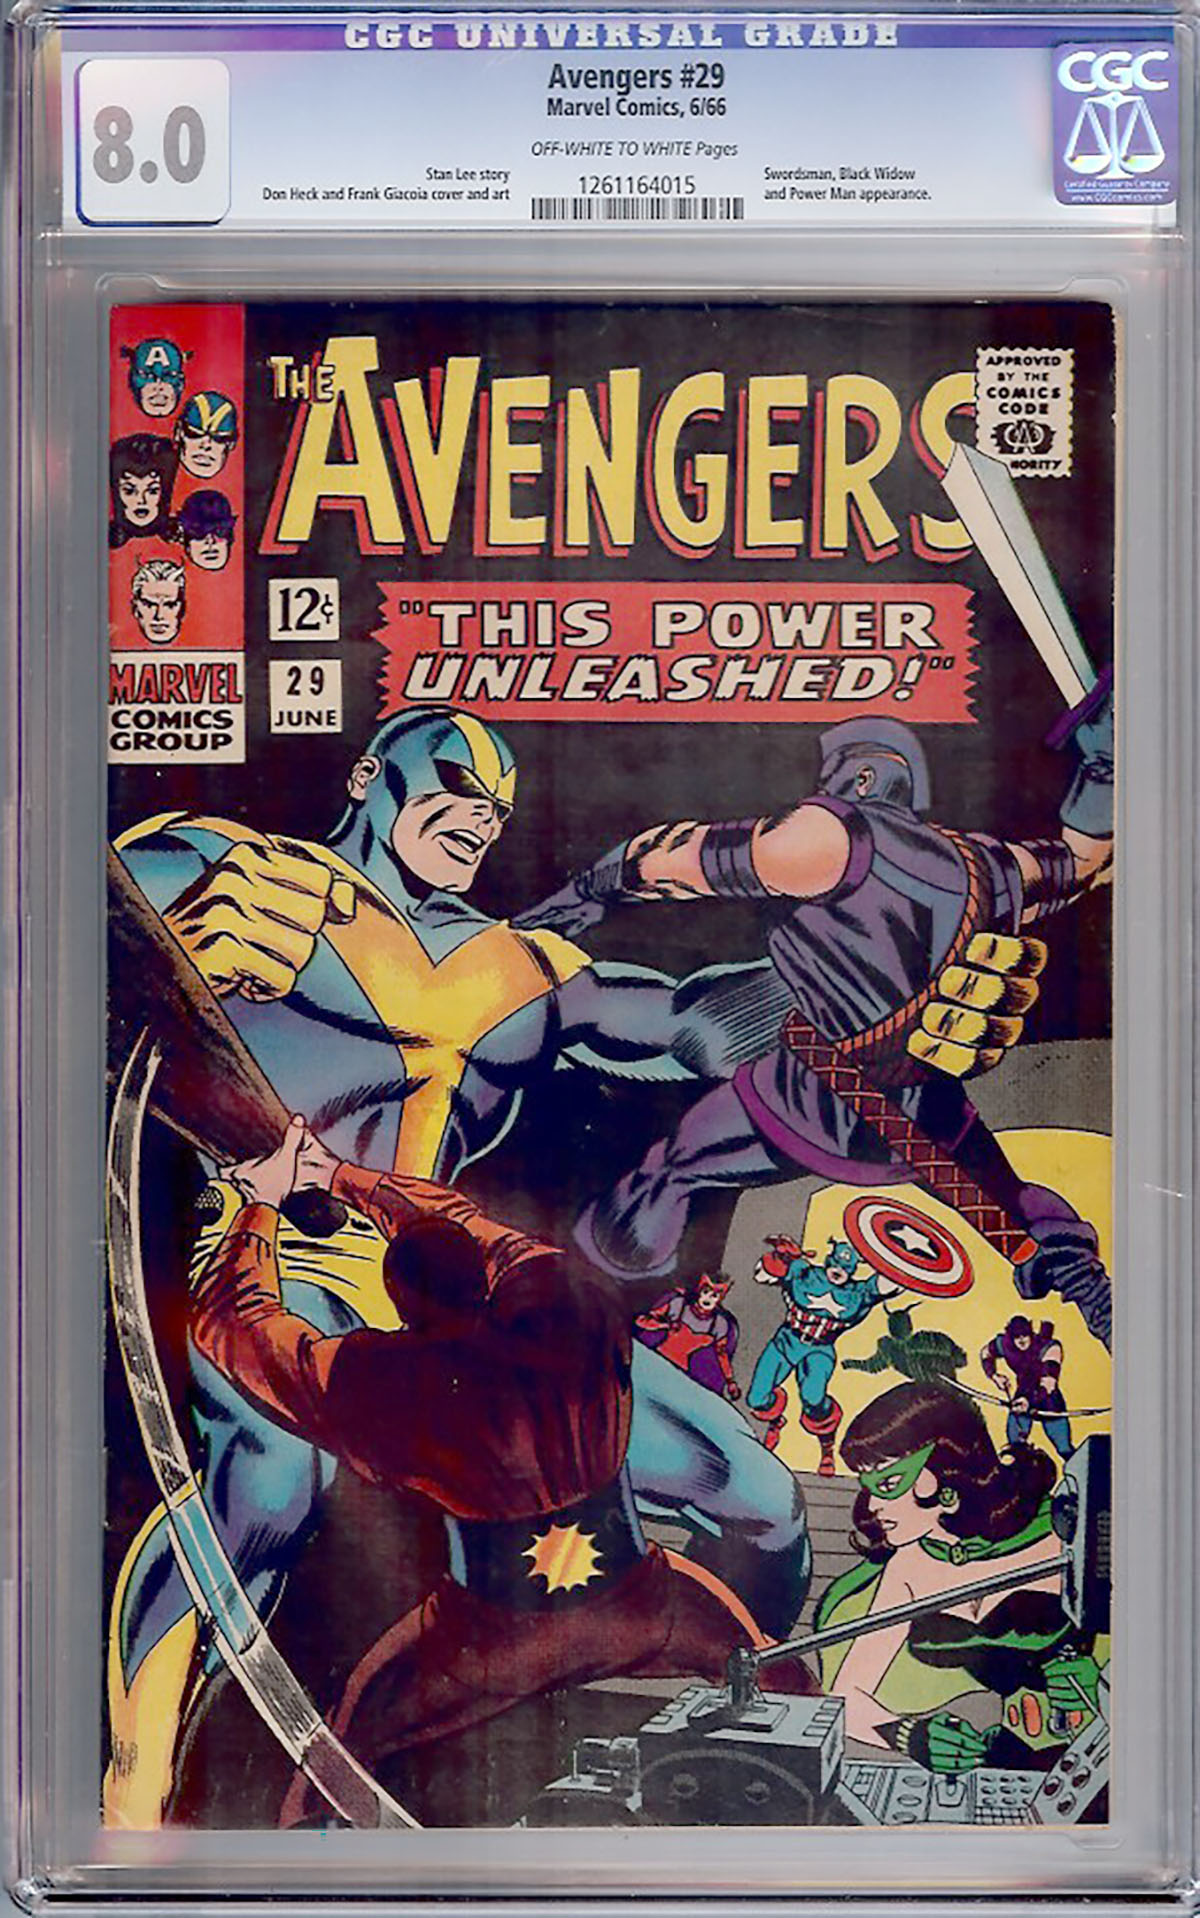 Avengers #29 CGC 8.0 ow/w